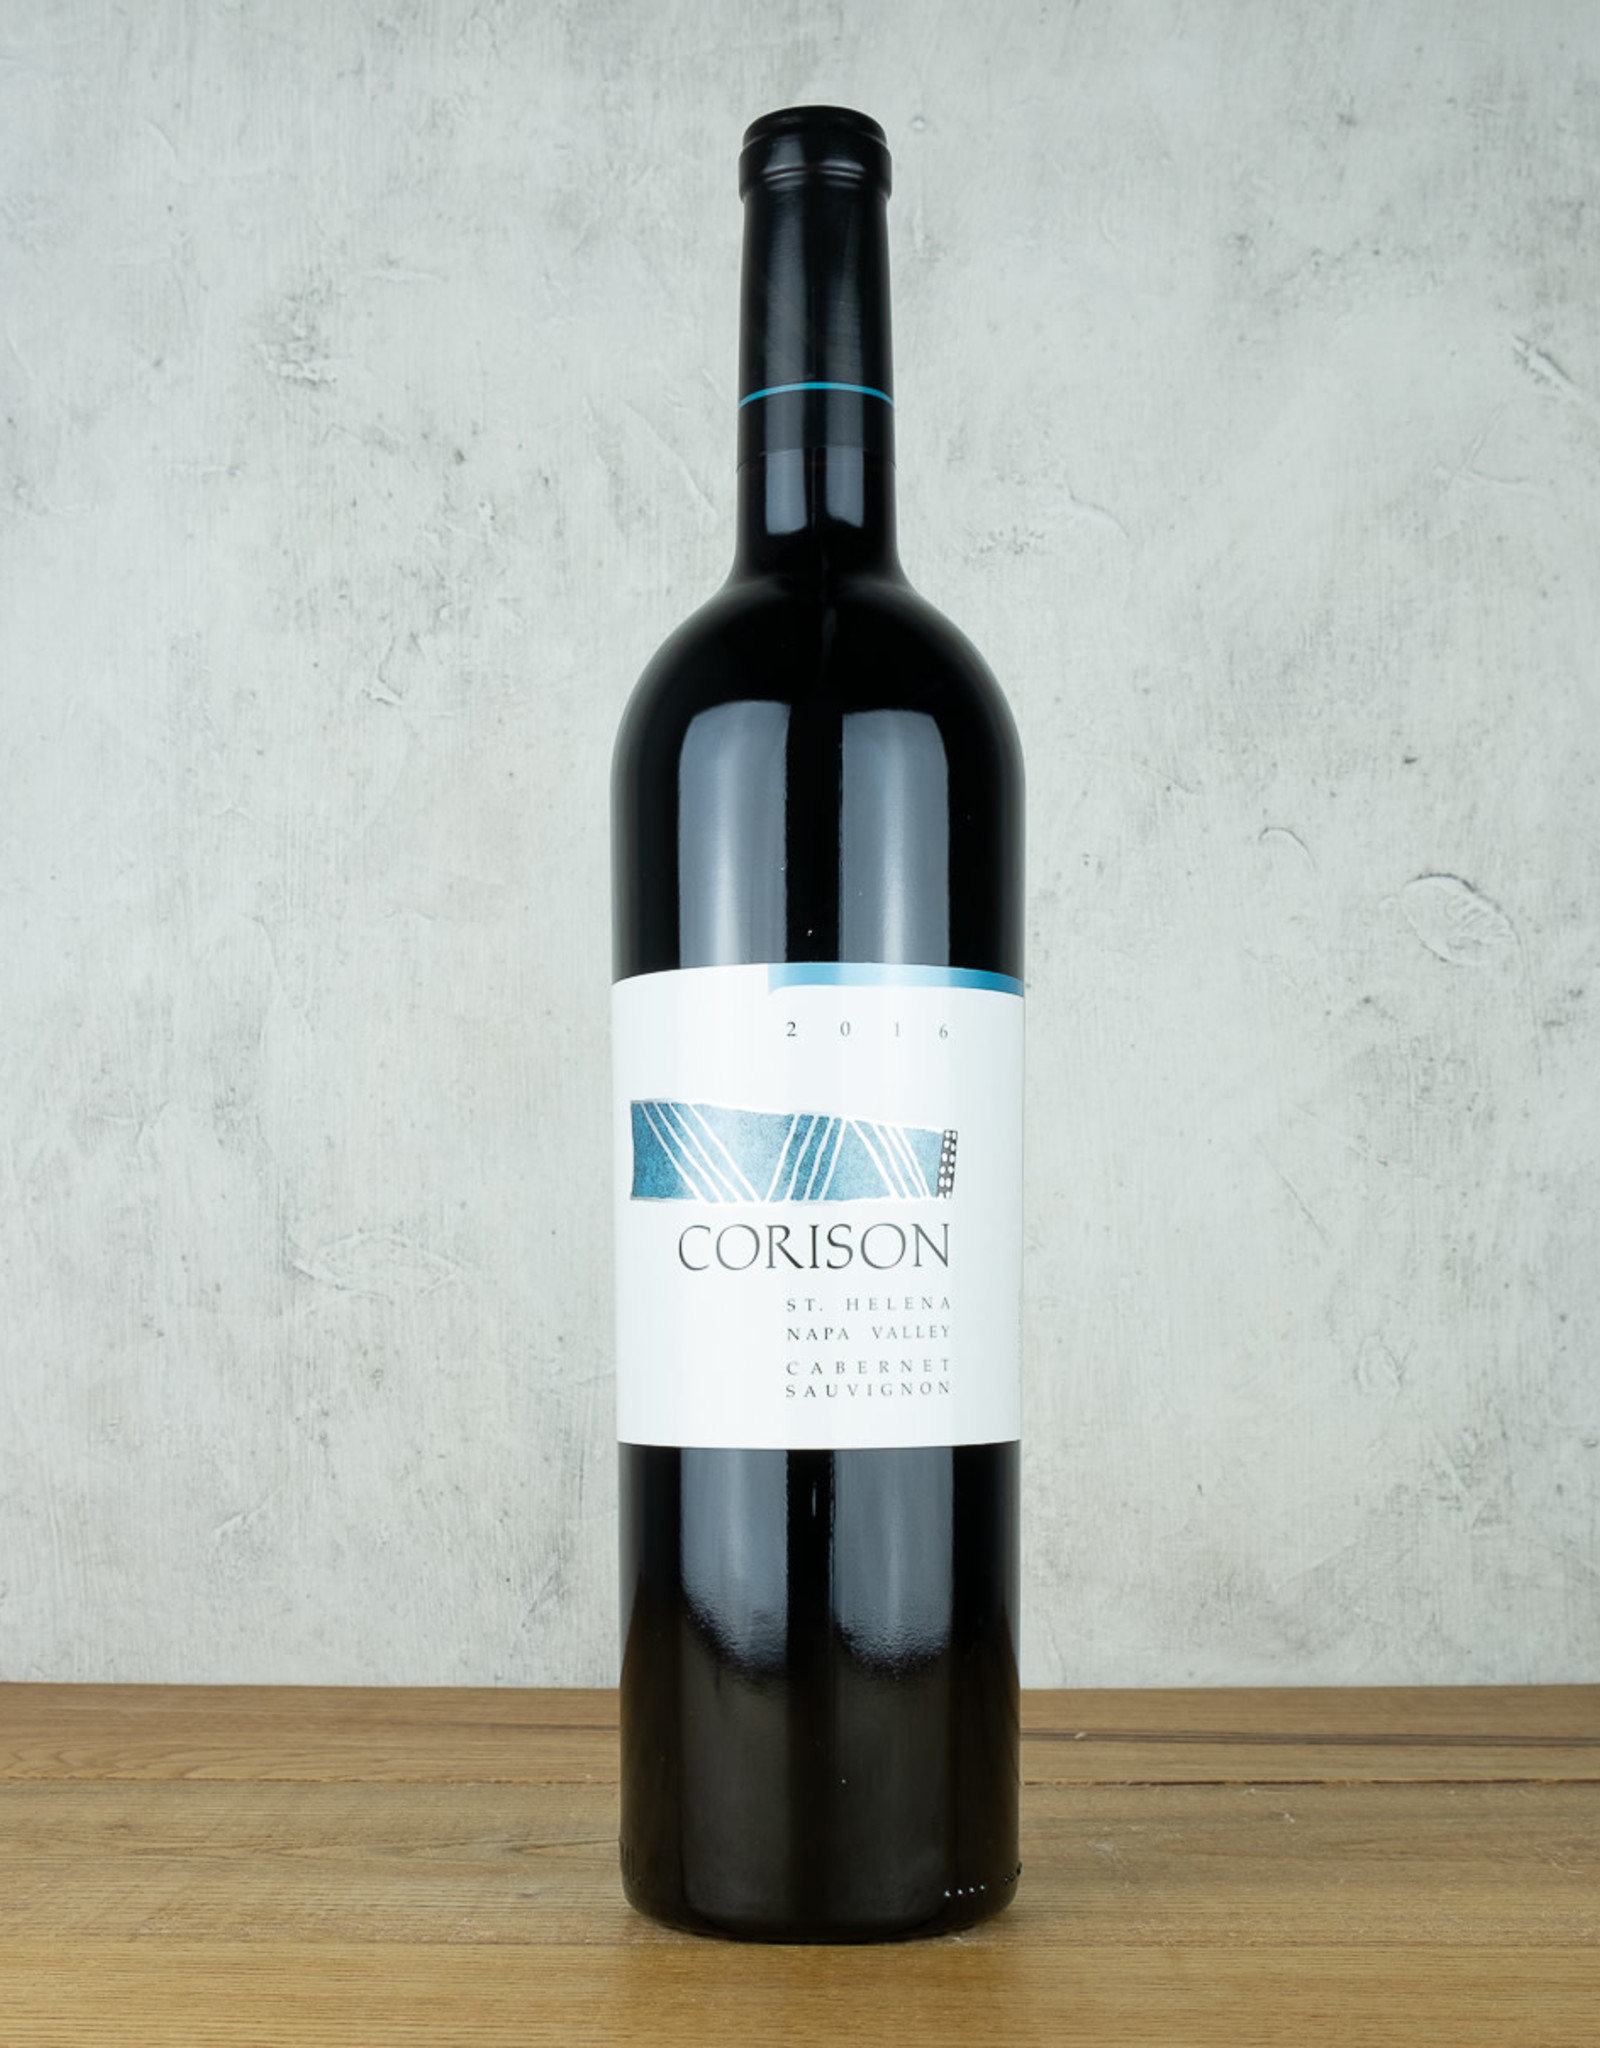 Corison Cabernet Sauvignon